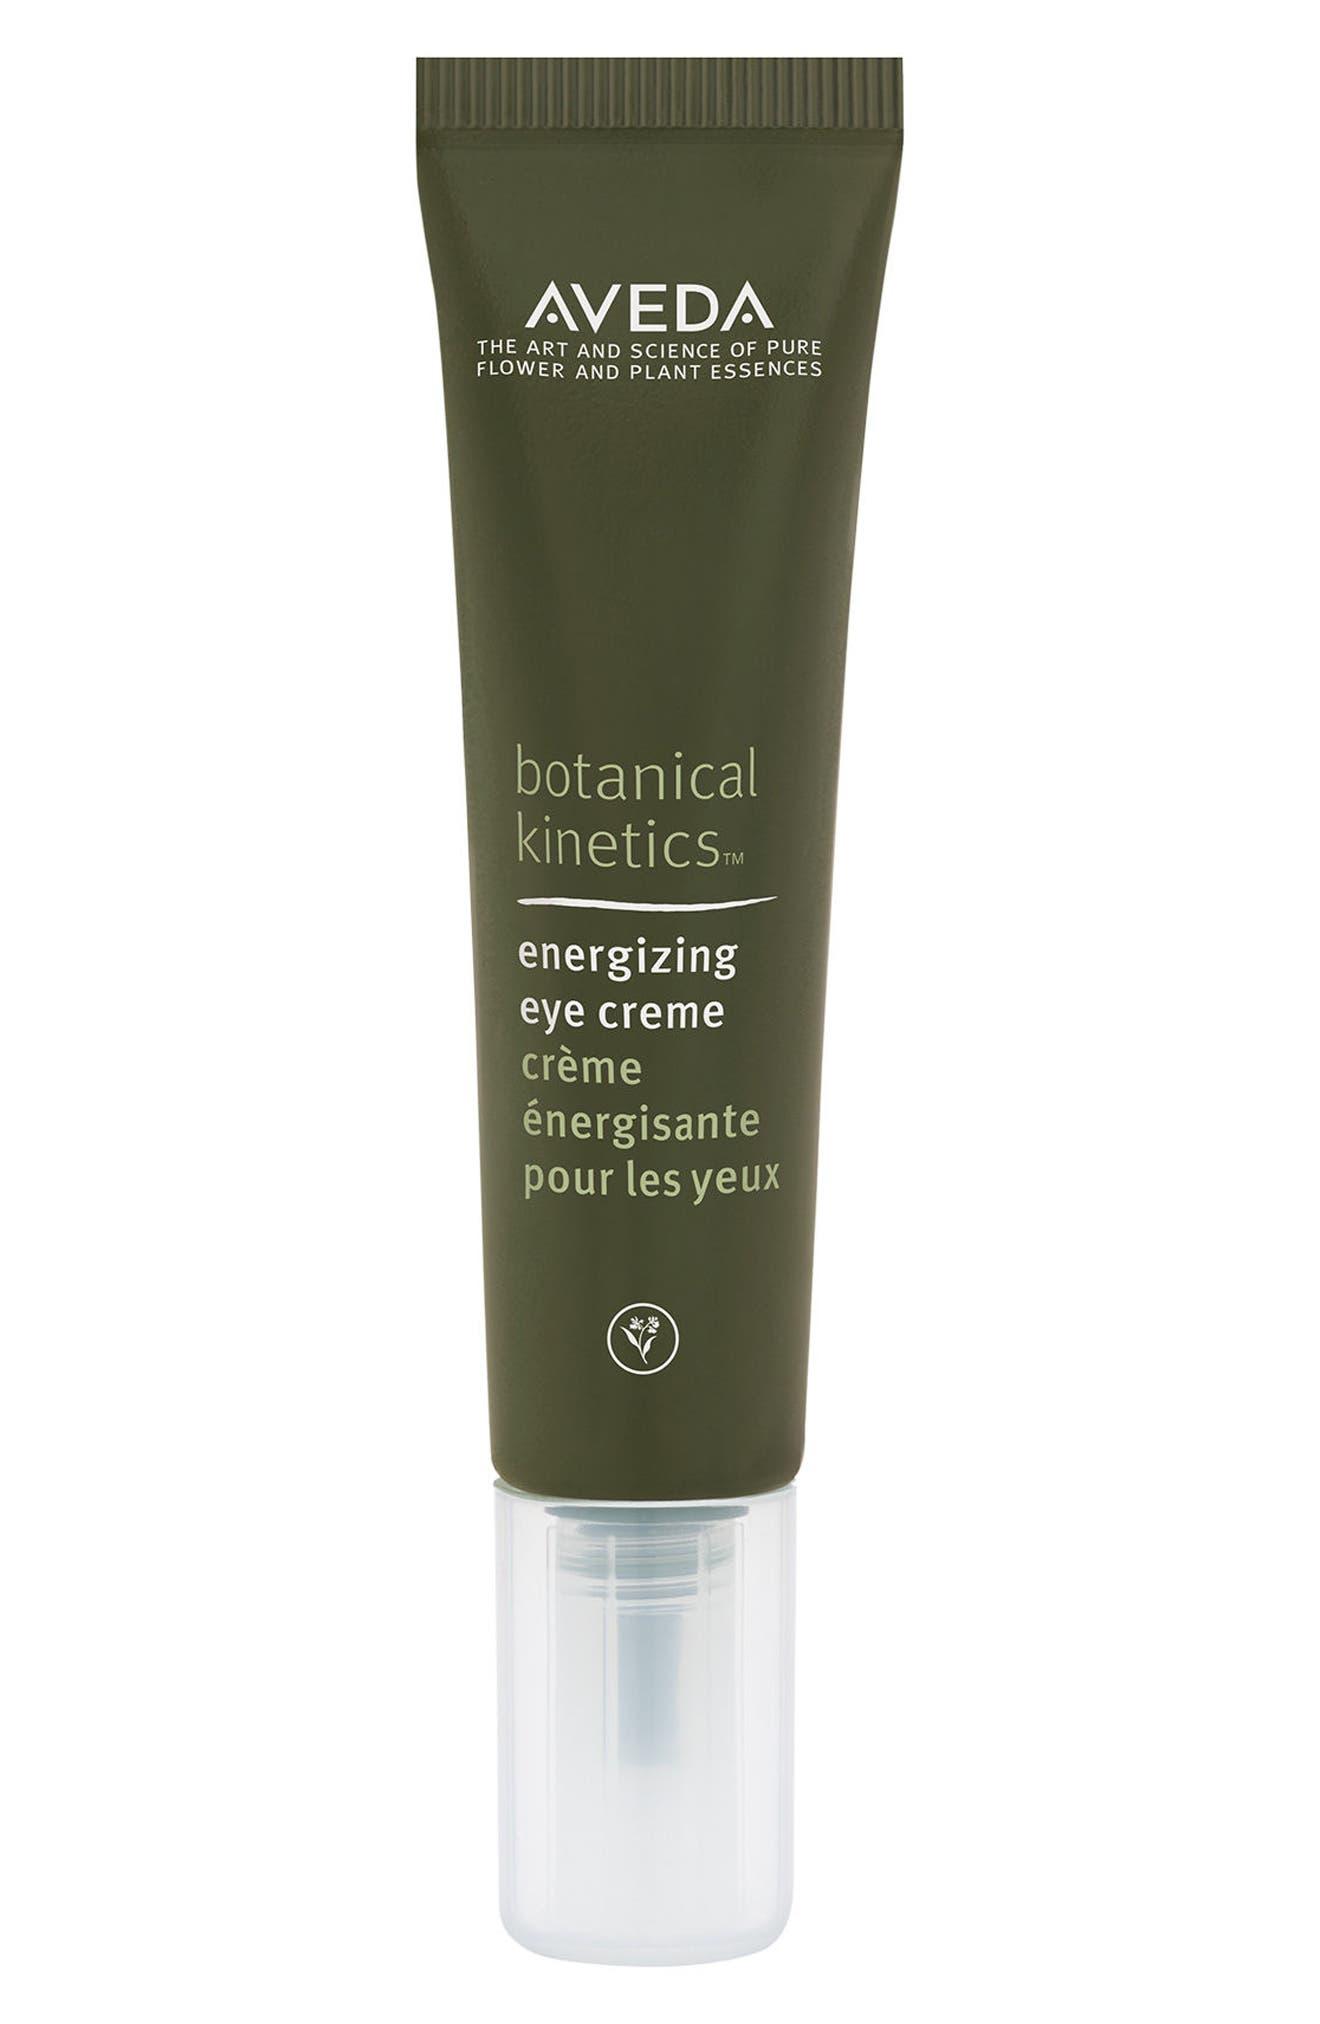 Aveda botanical kinetics™ Energizing Eye Crème